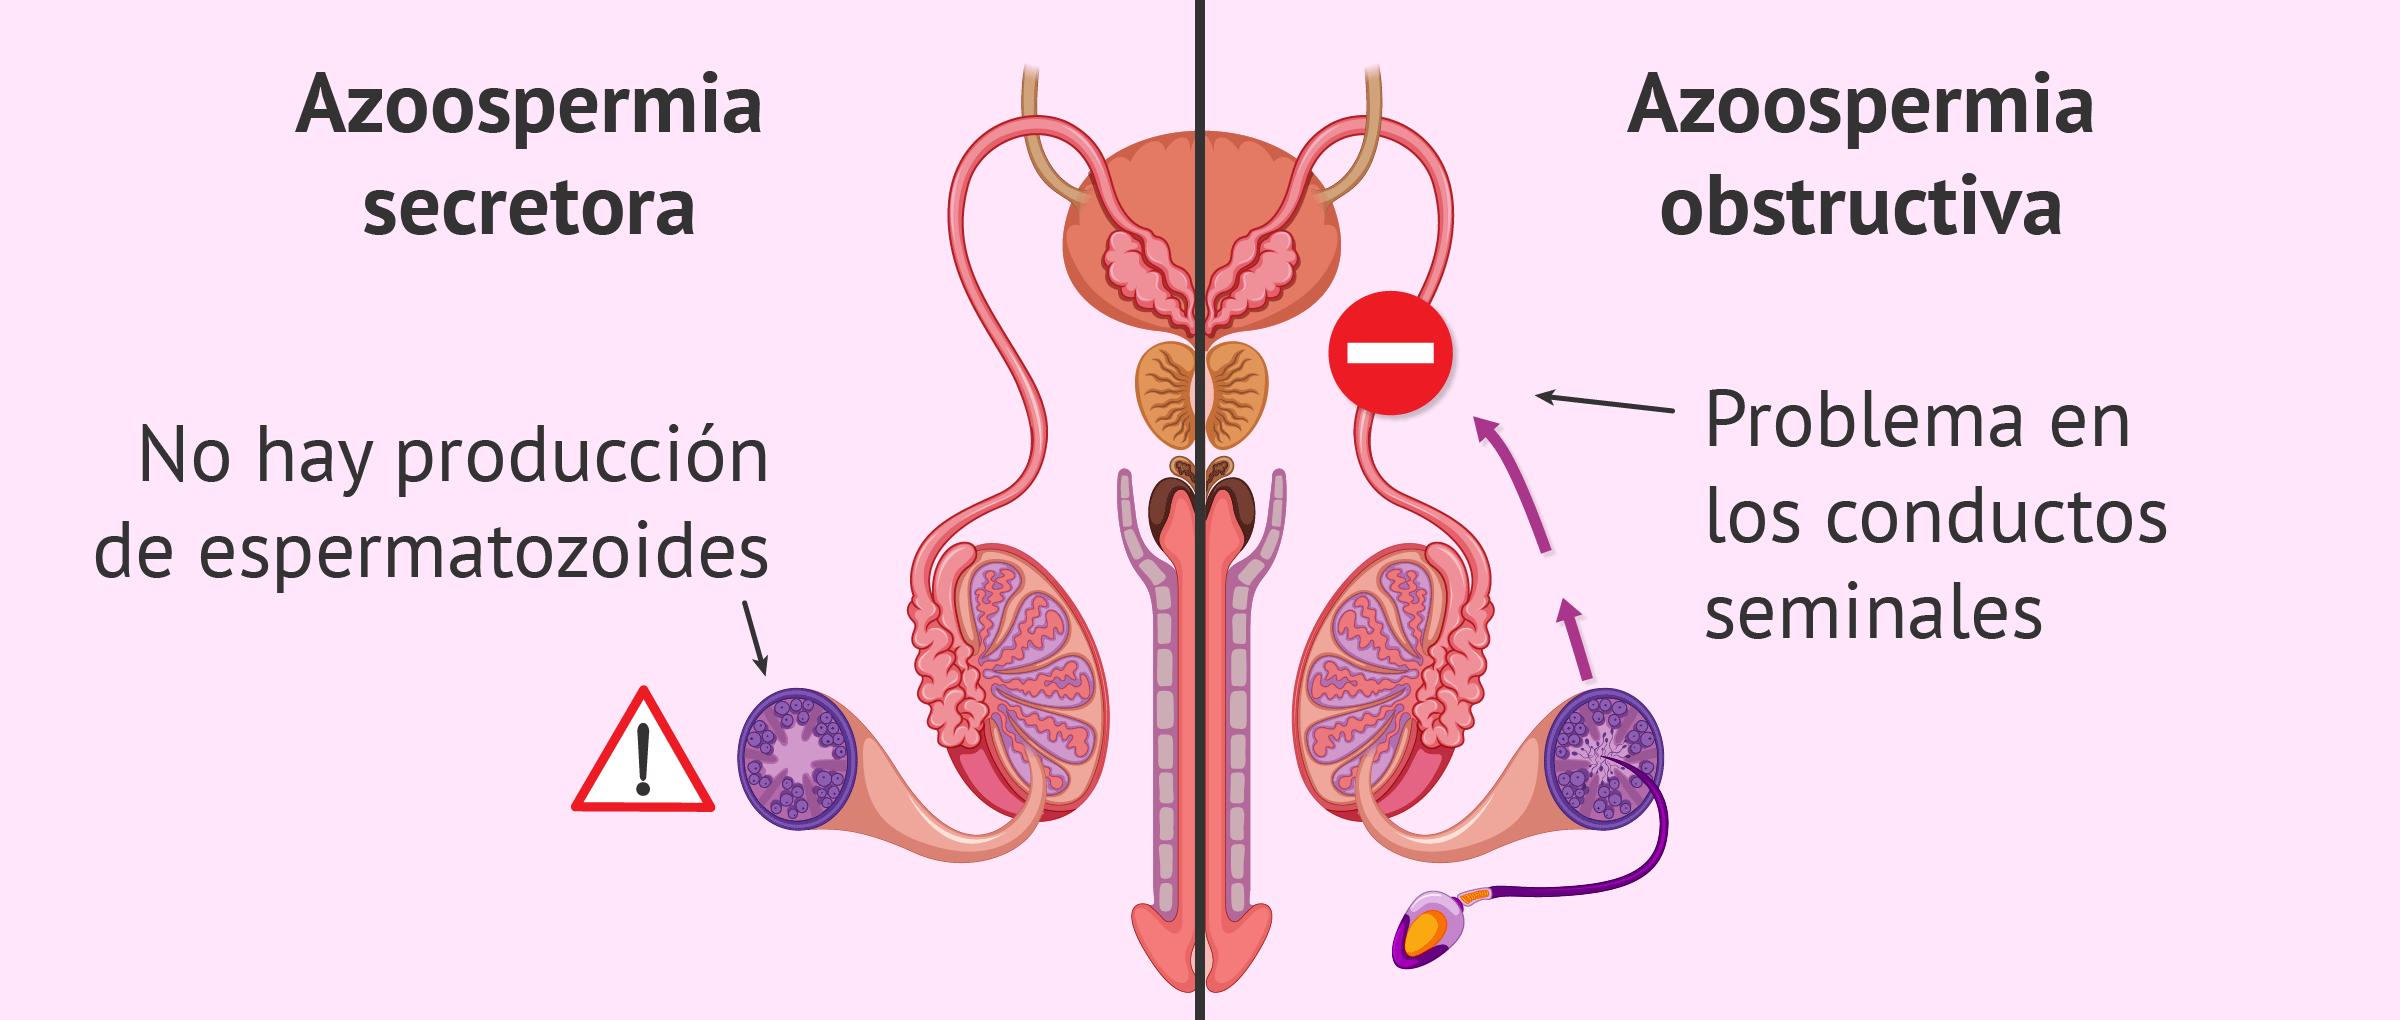 Diferencias entre azoospermia obstructiva y secretora